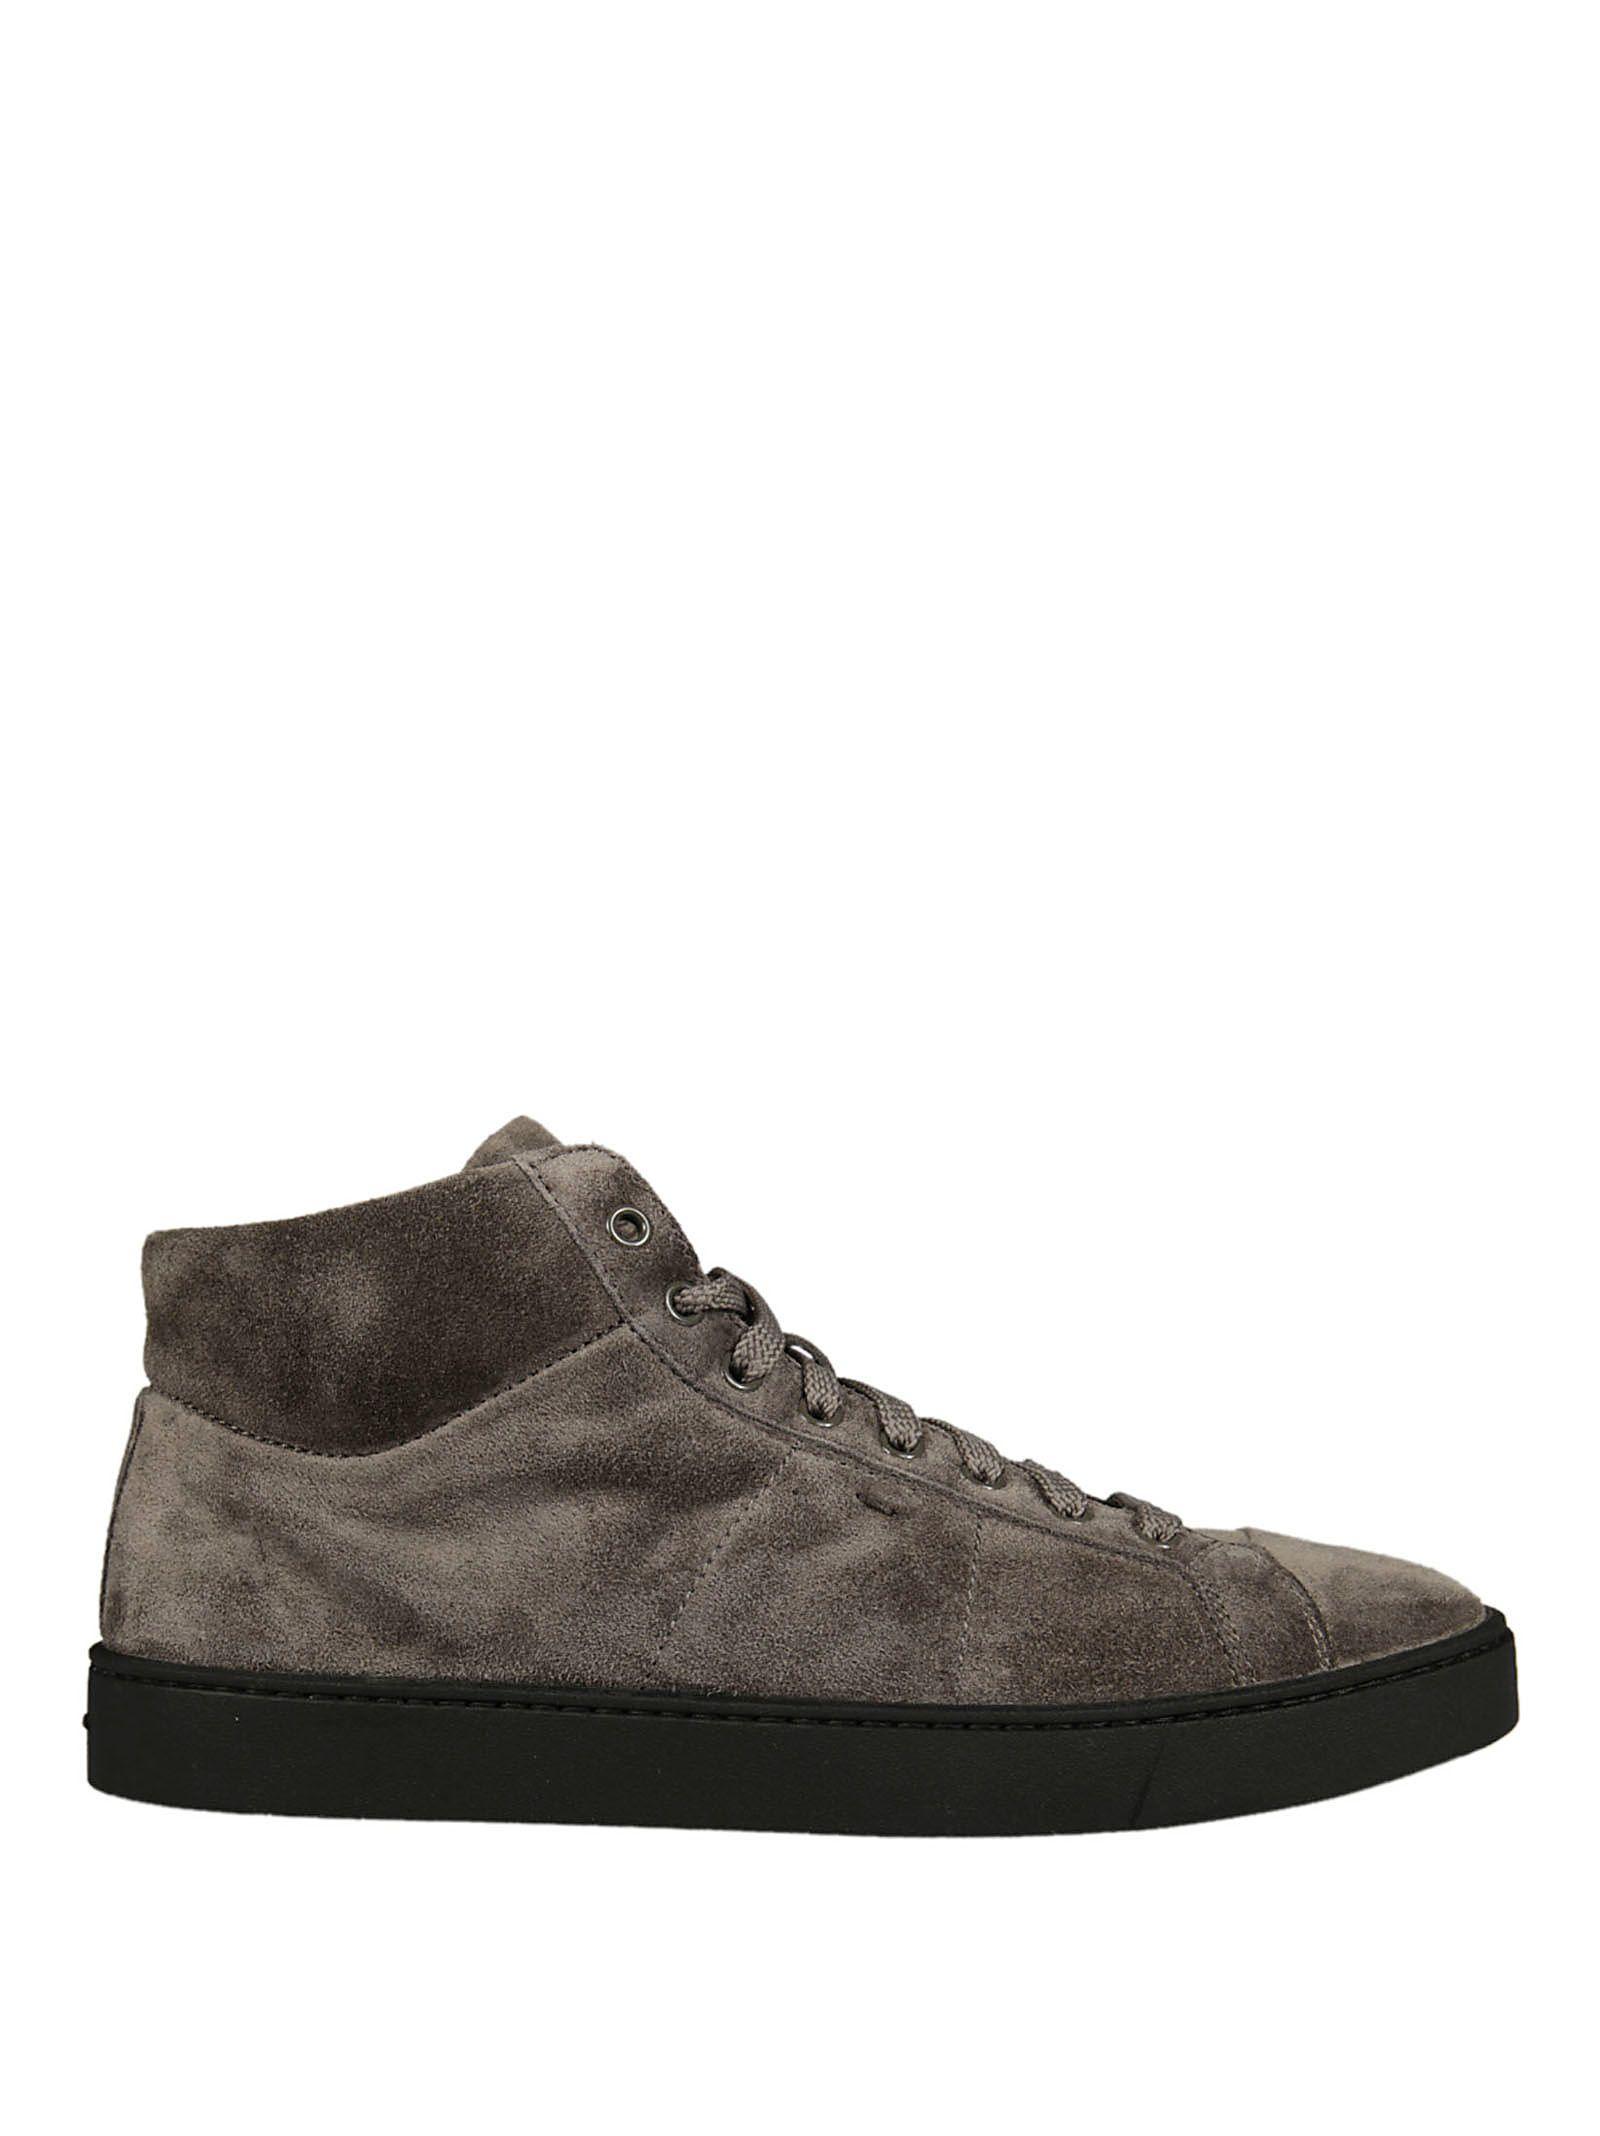 Santoni Hi-top Sneakers In Grey